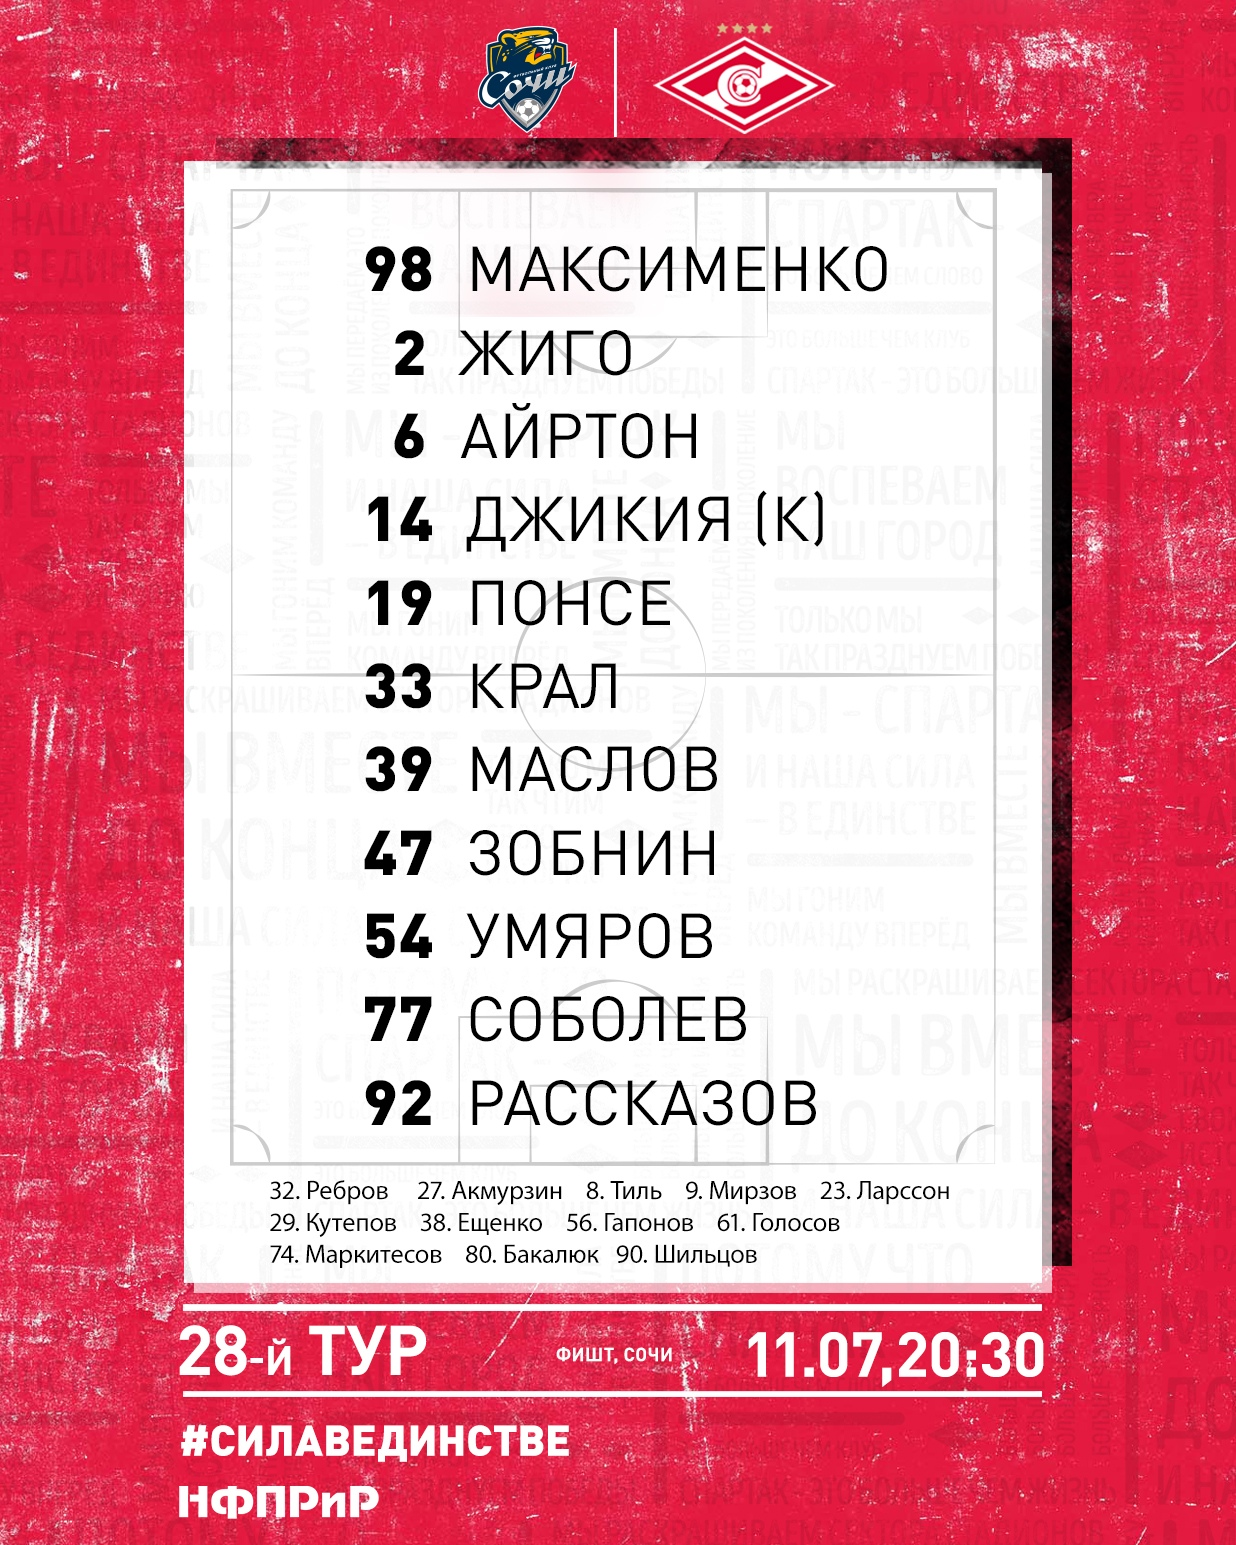 Состав «Спартака» на матч 28-го тура с «Сочи»